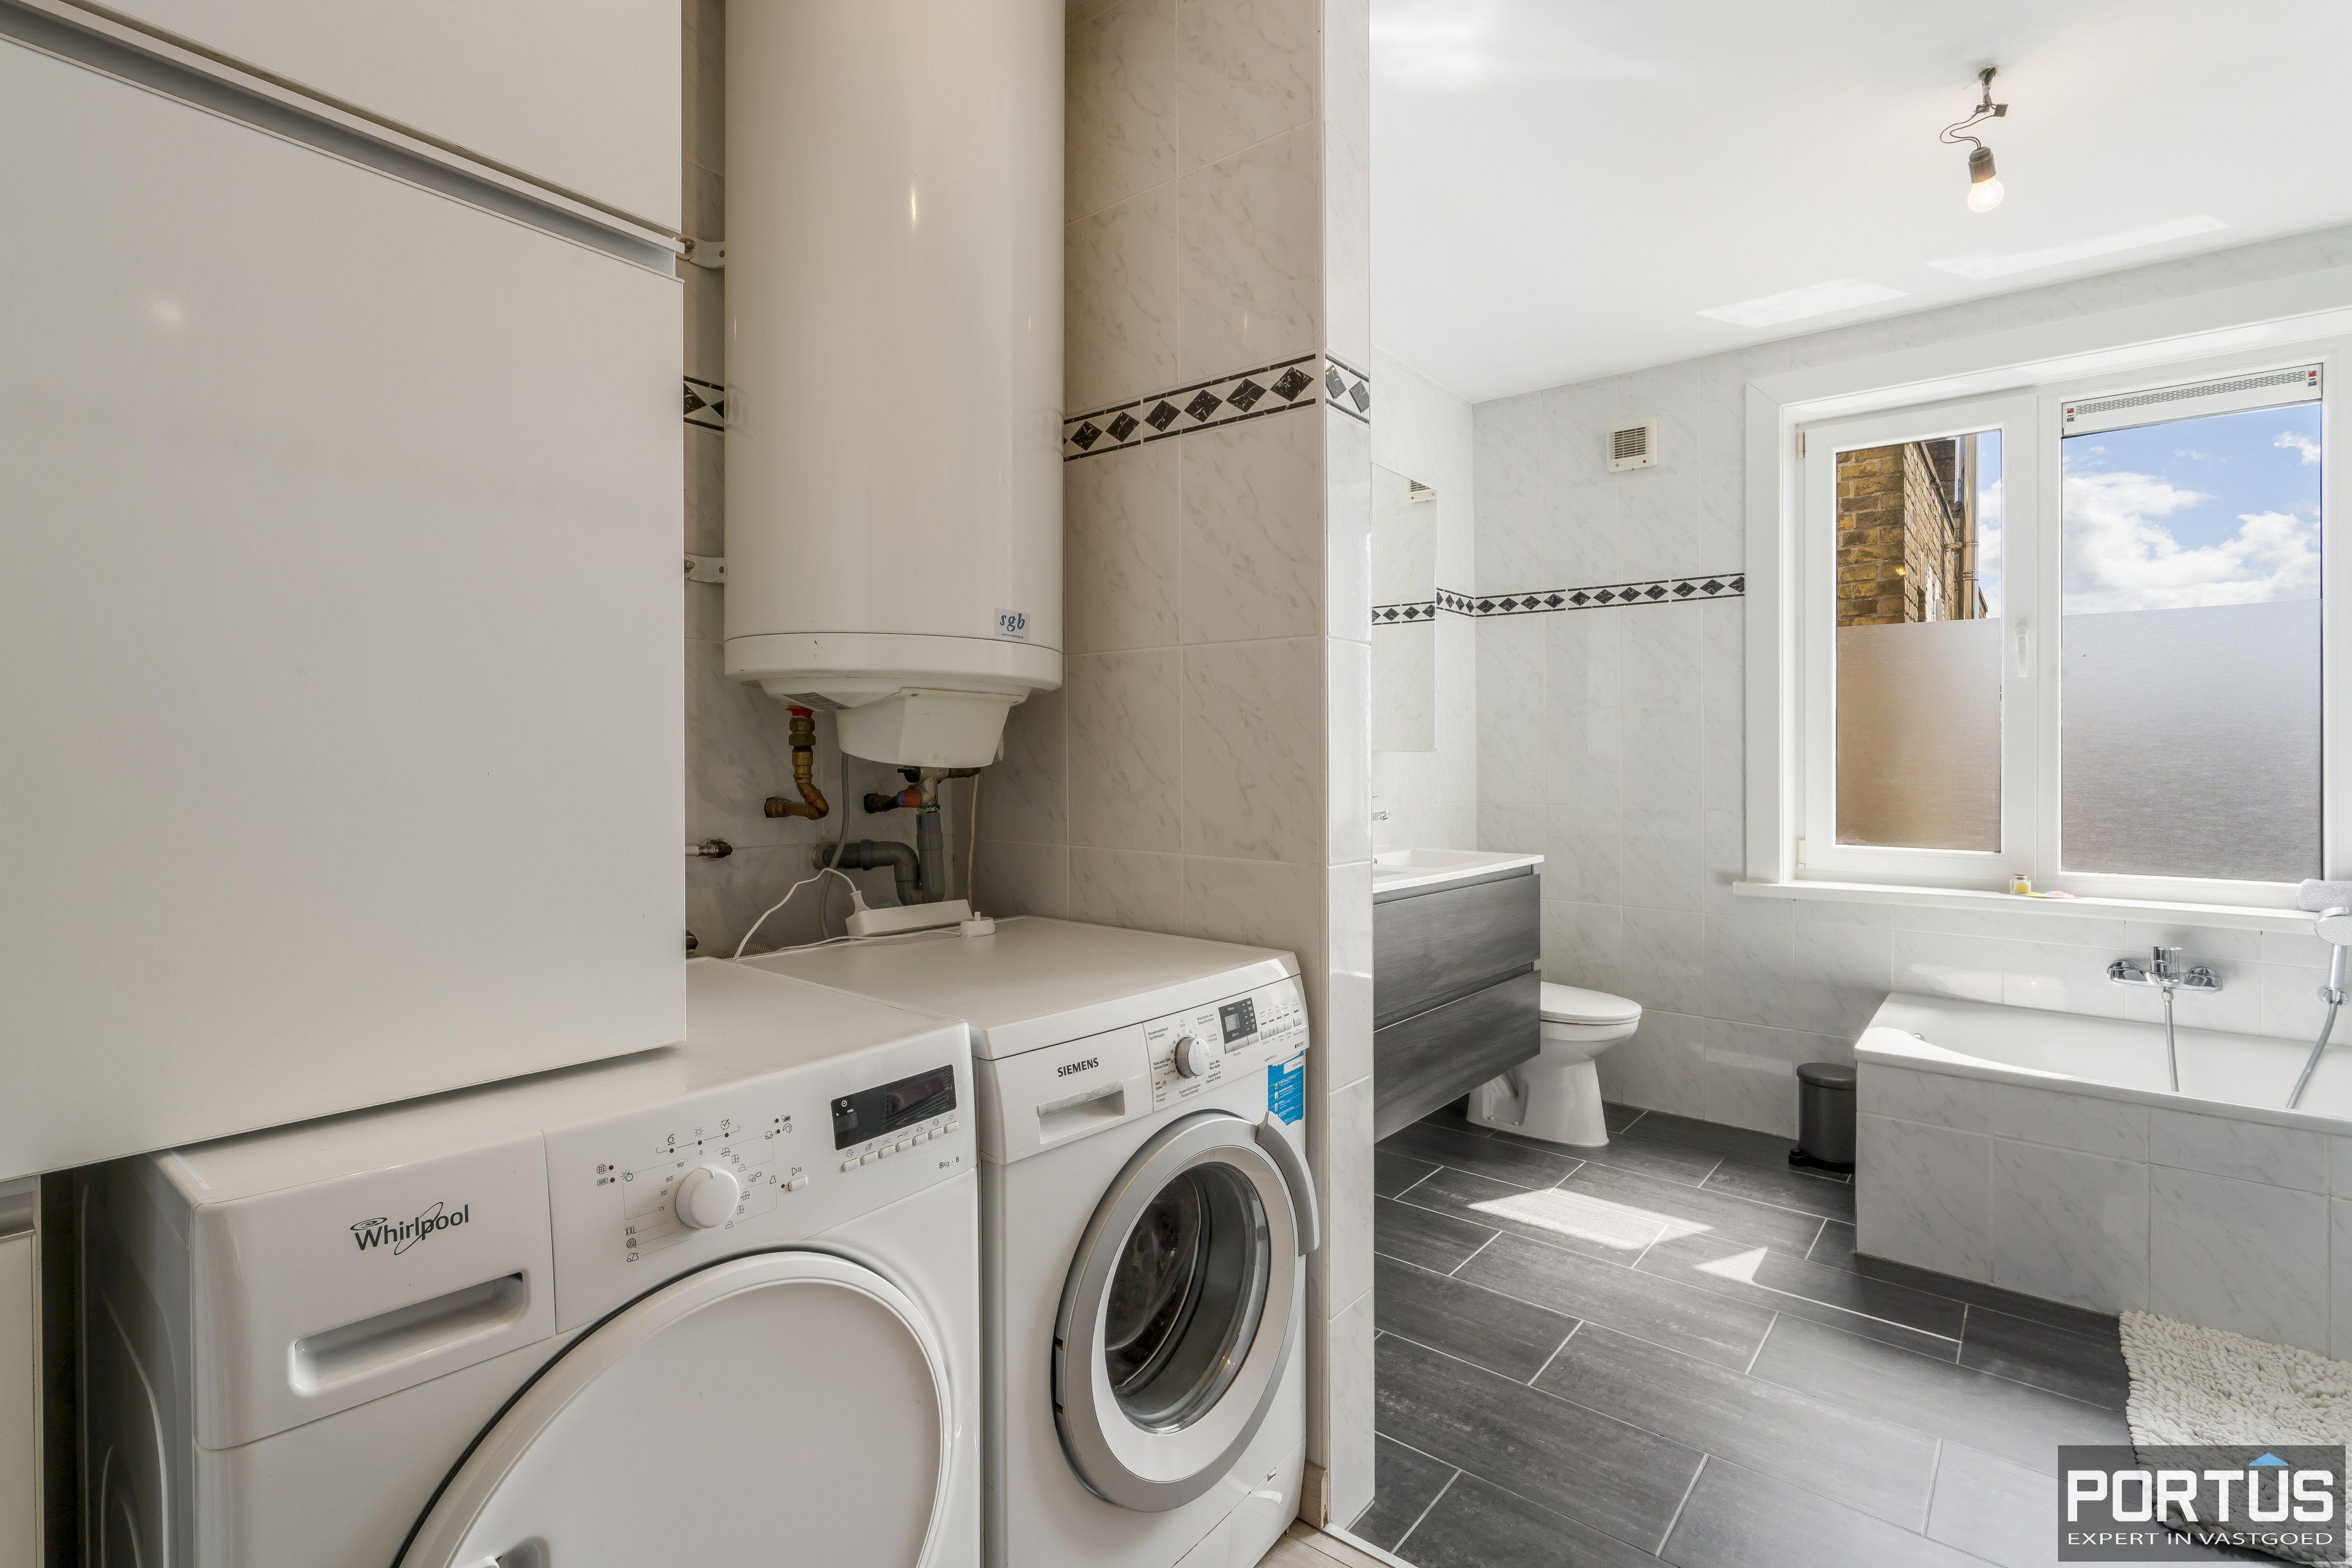 Appartement met 3 slaapkamers te koop te Westende - 12872